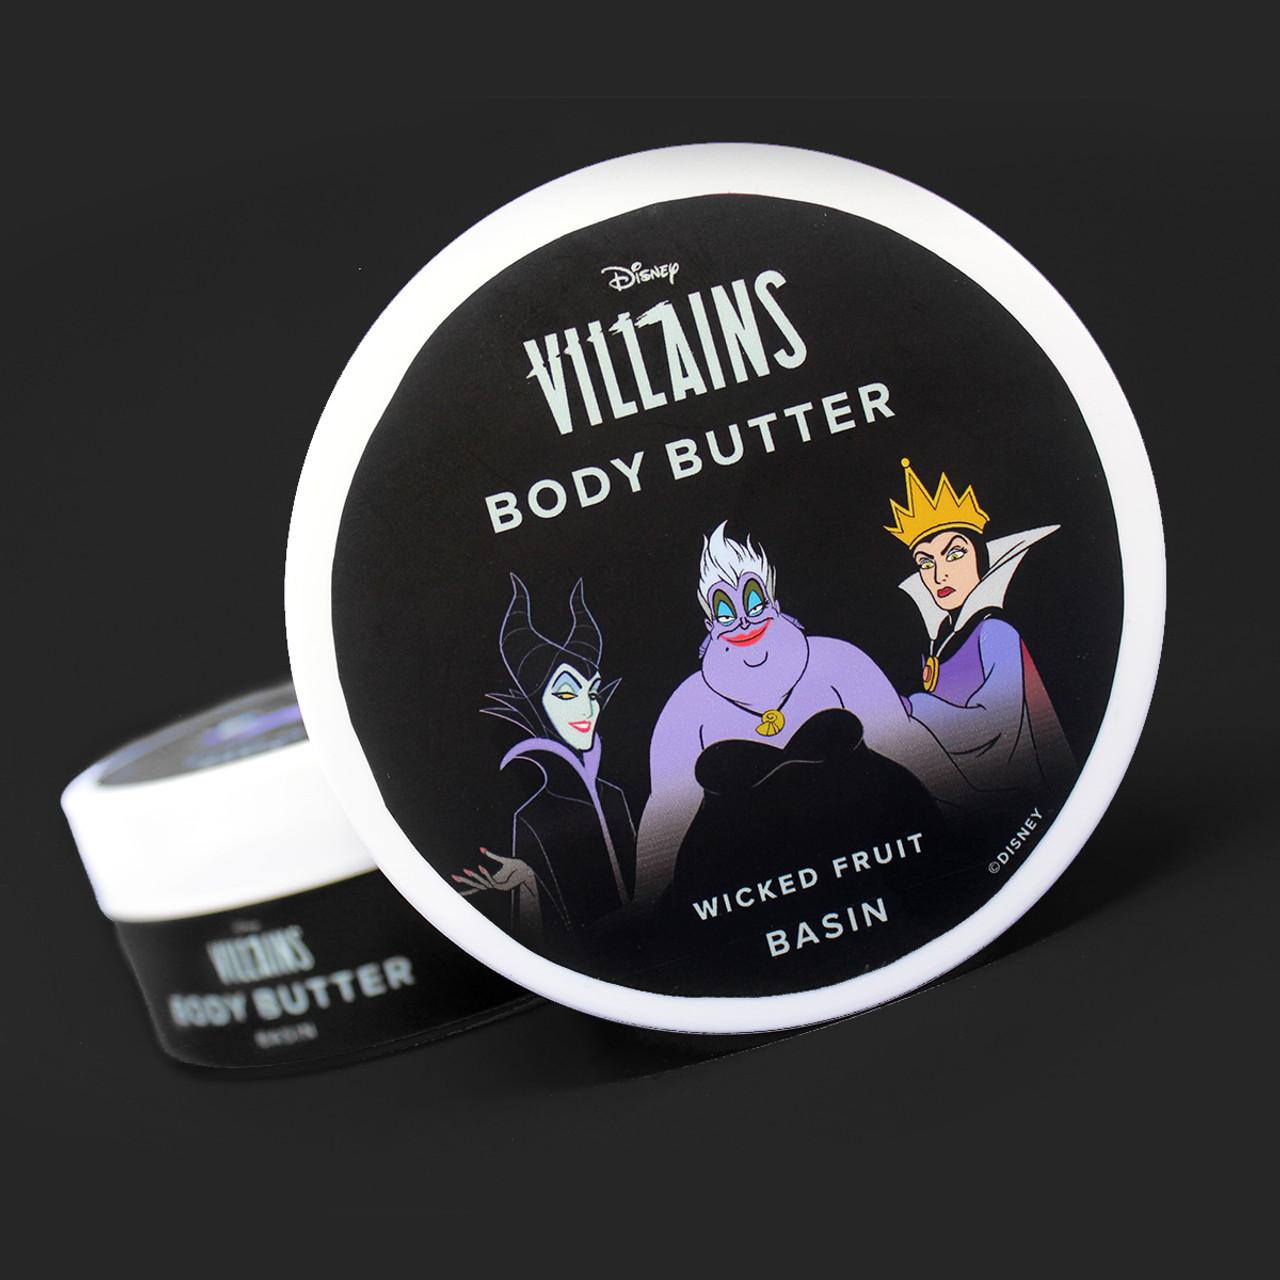 NEW Villains Body Butter